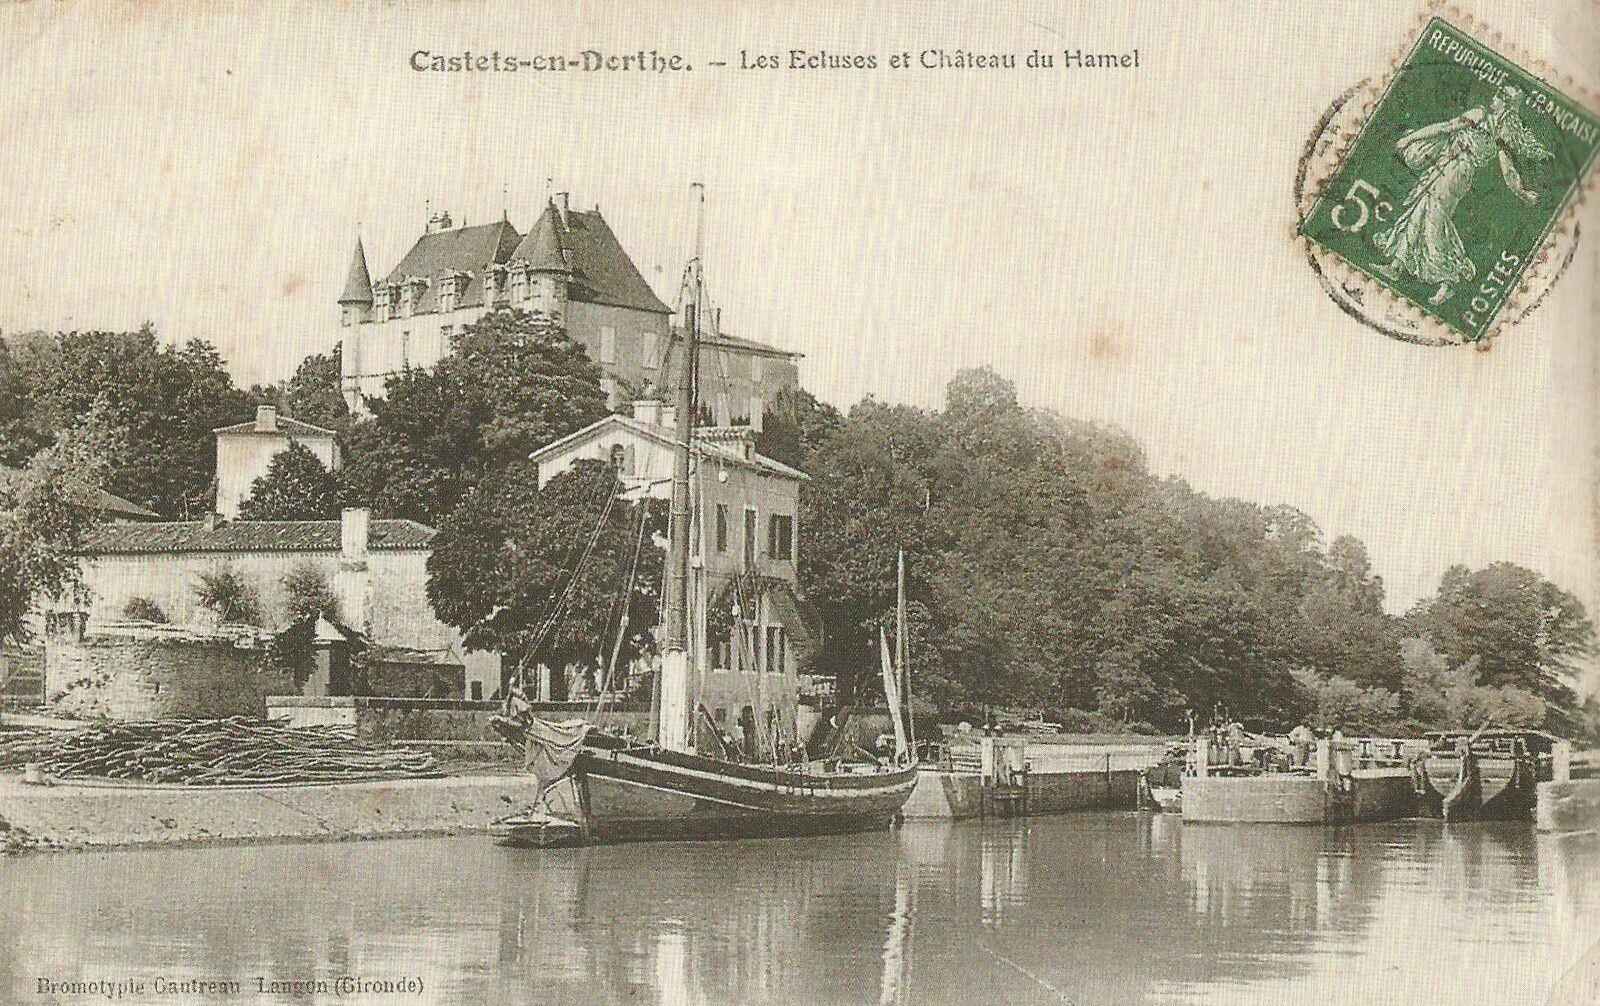 Les bateliers des pays de Garonne